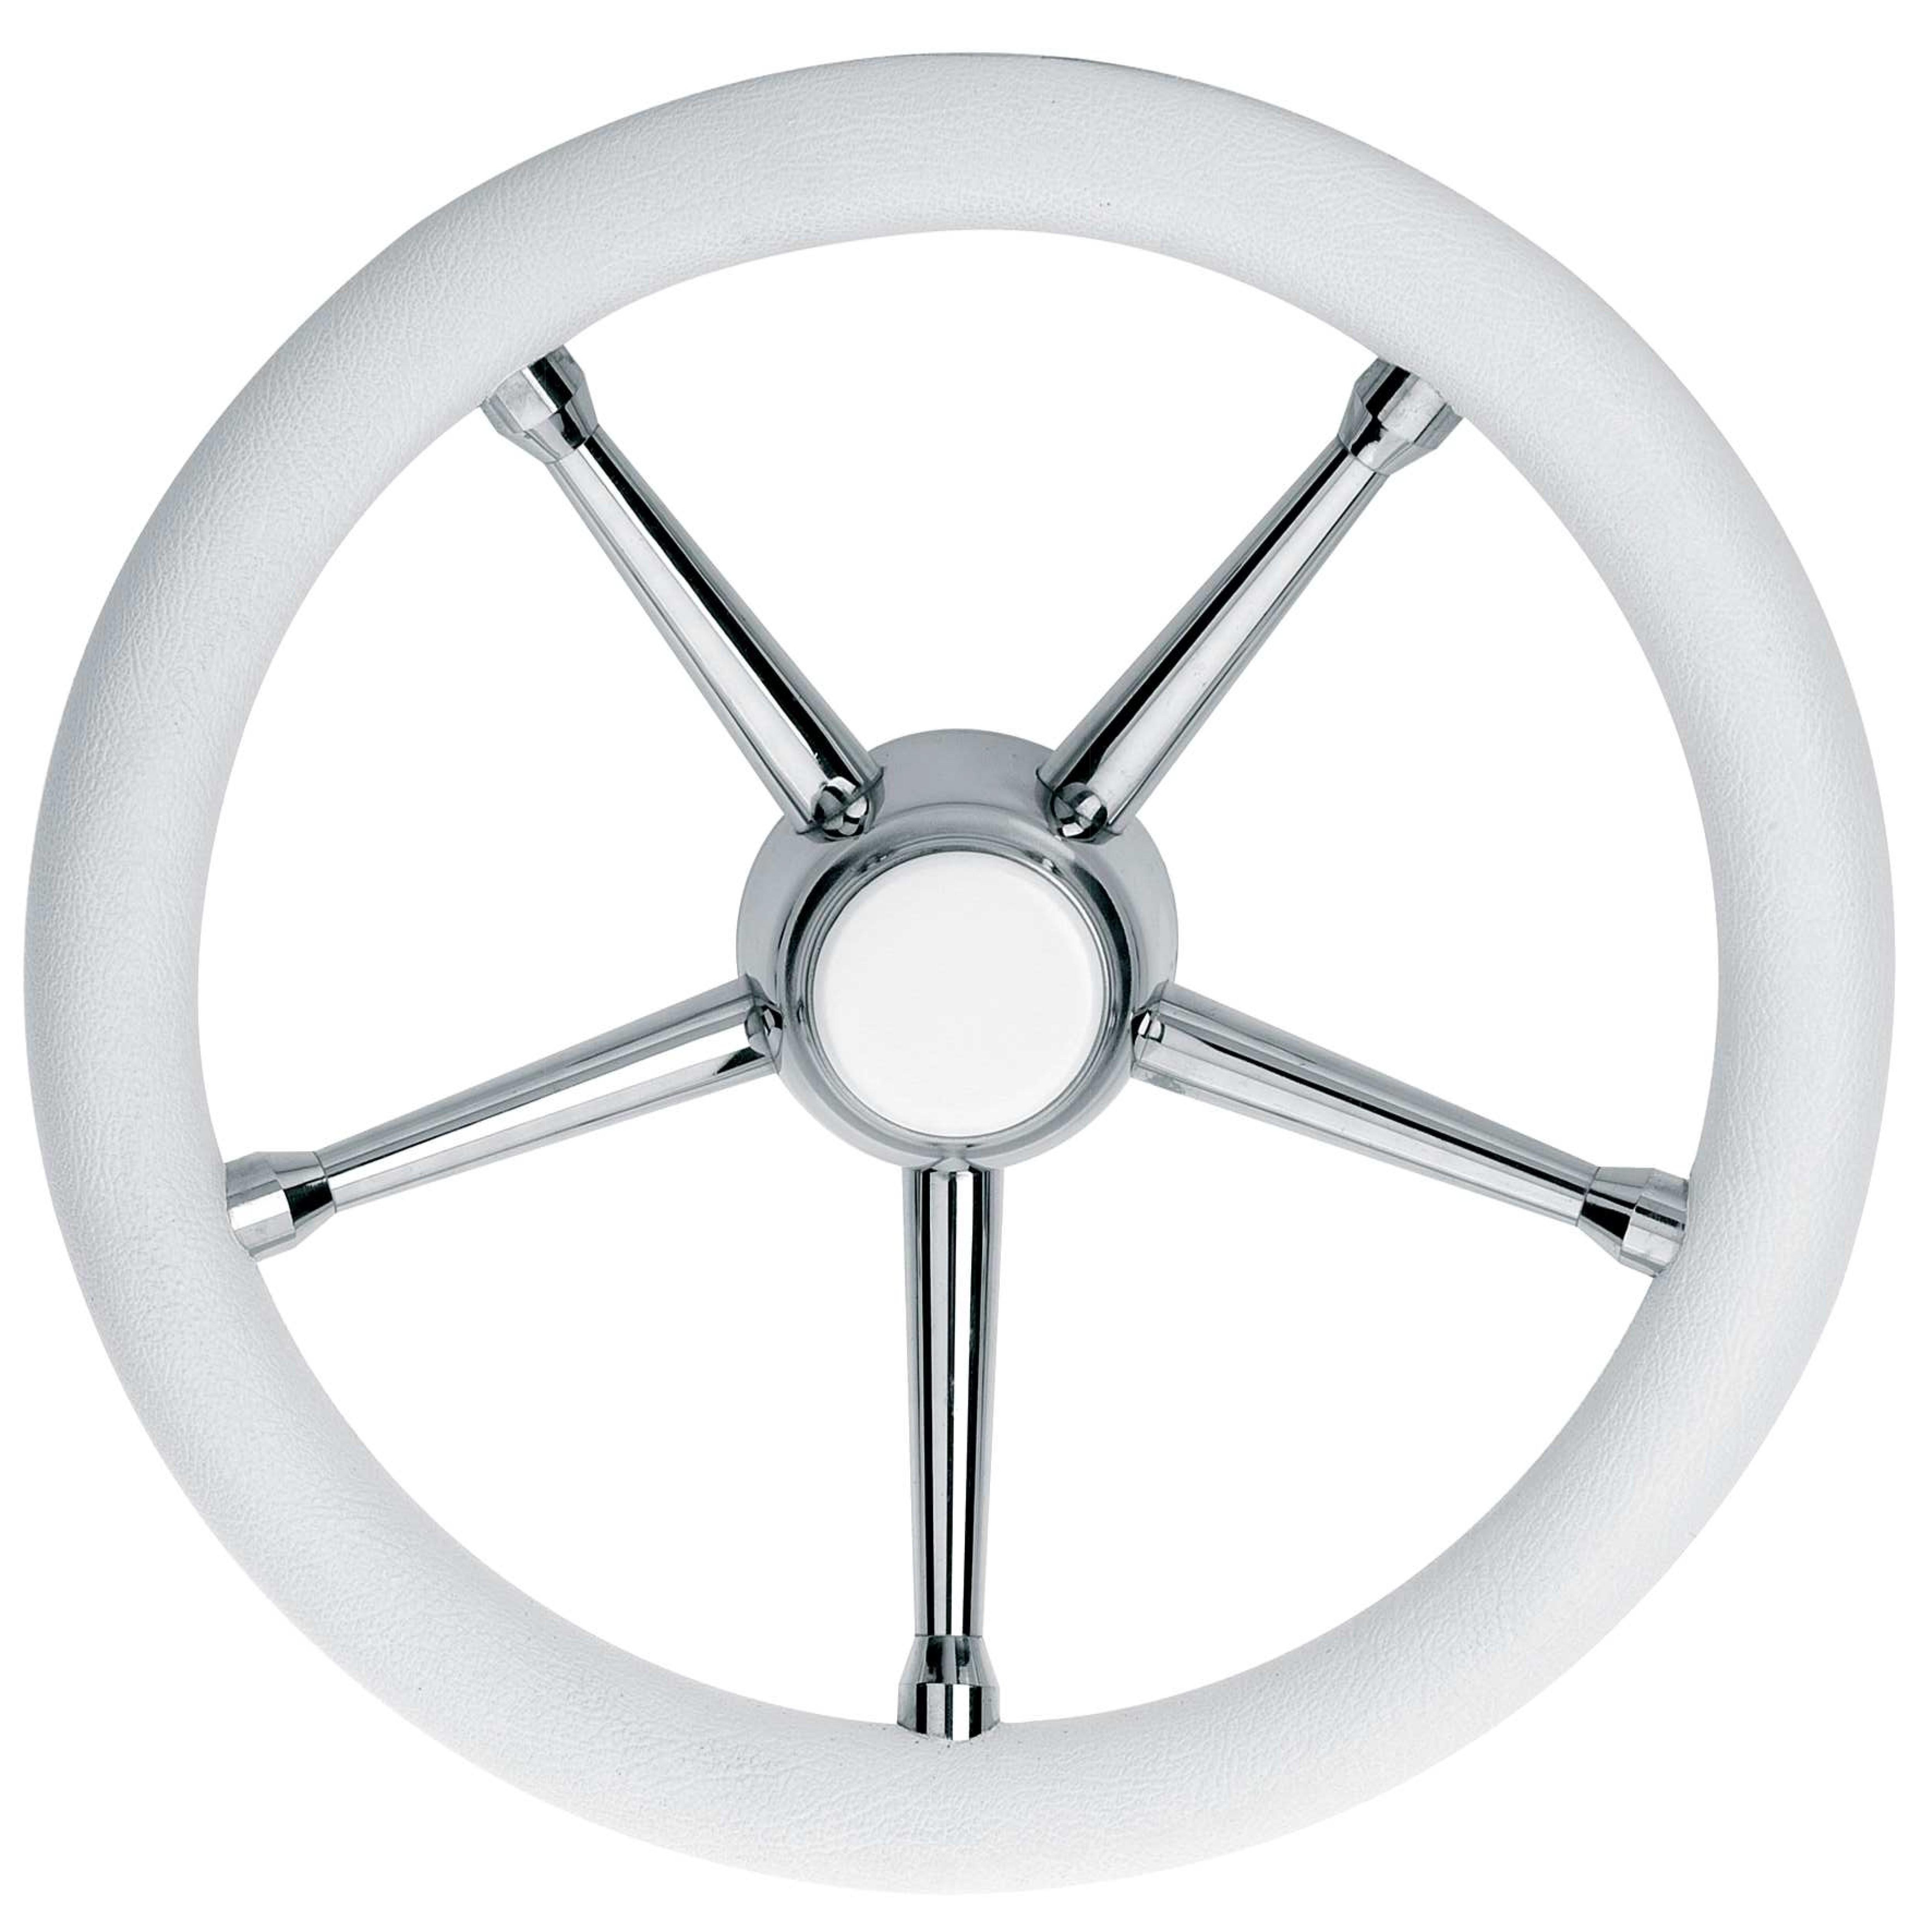 108.76 - Τιμόνι Πολυουρεθάνης Με Inox Ακτίνες Χρώμα Λευκό Ø350mm